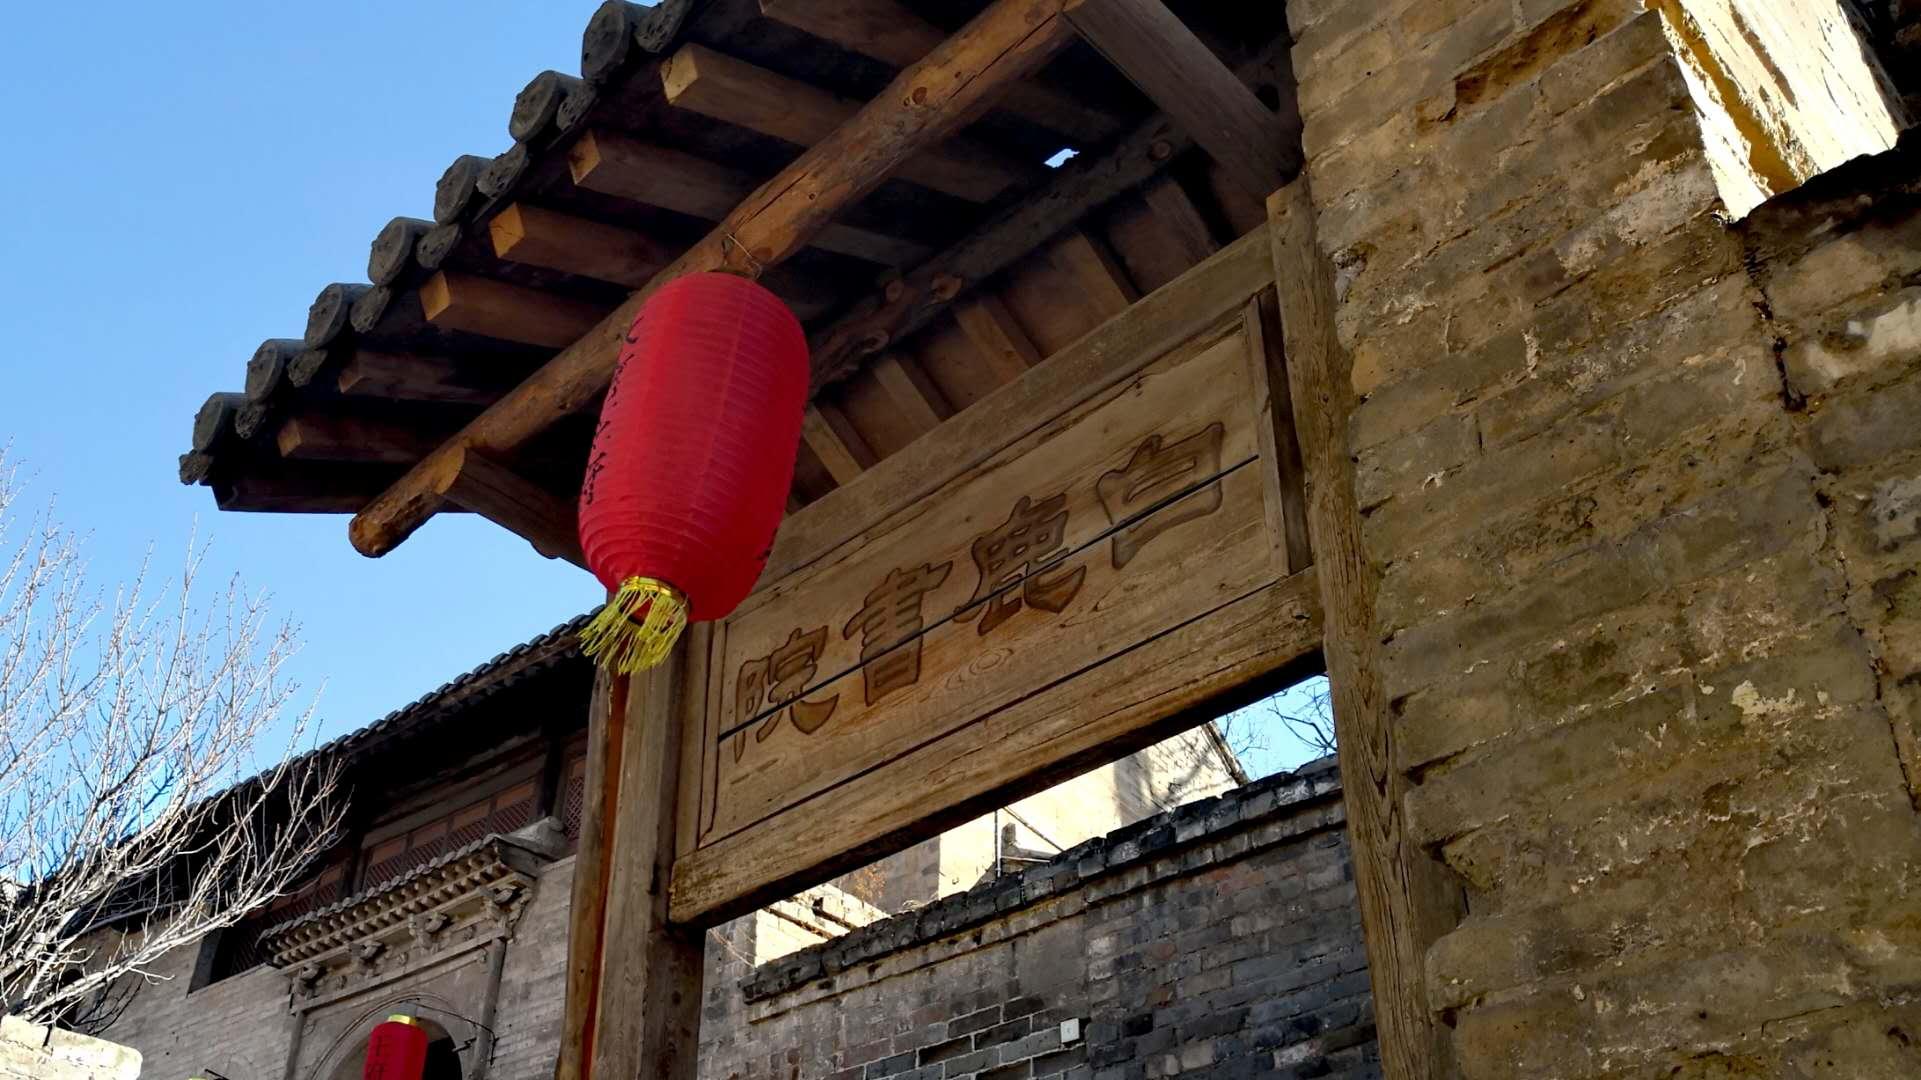 上庄古镇 古村落保护的杰出典范